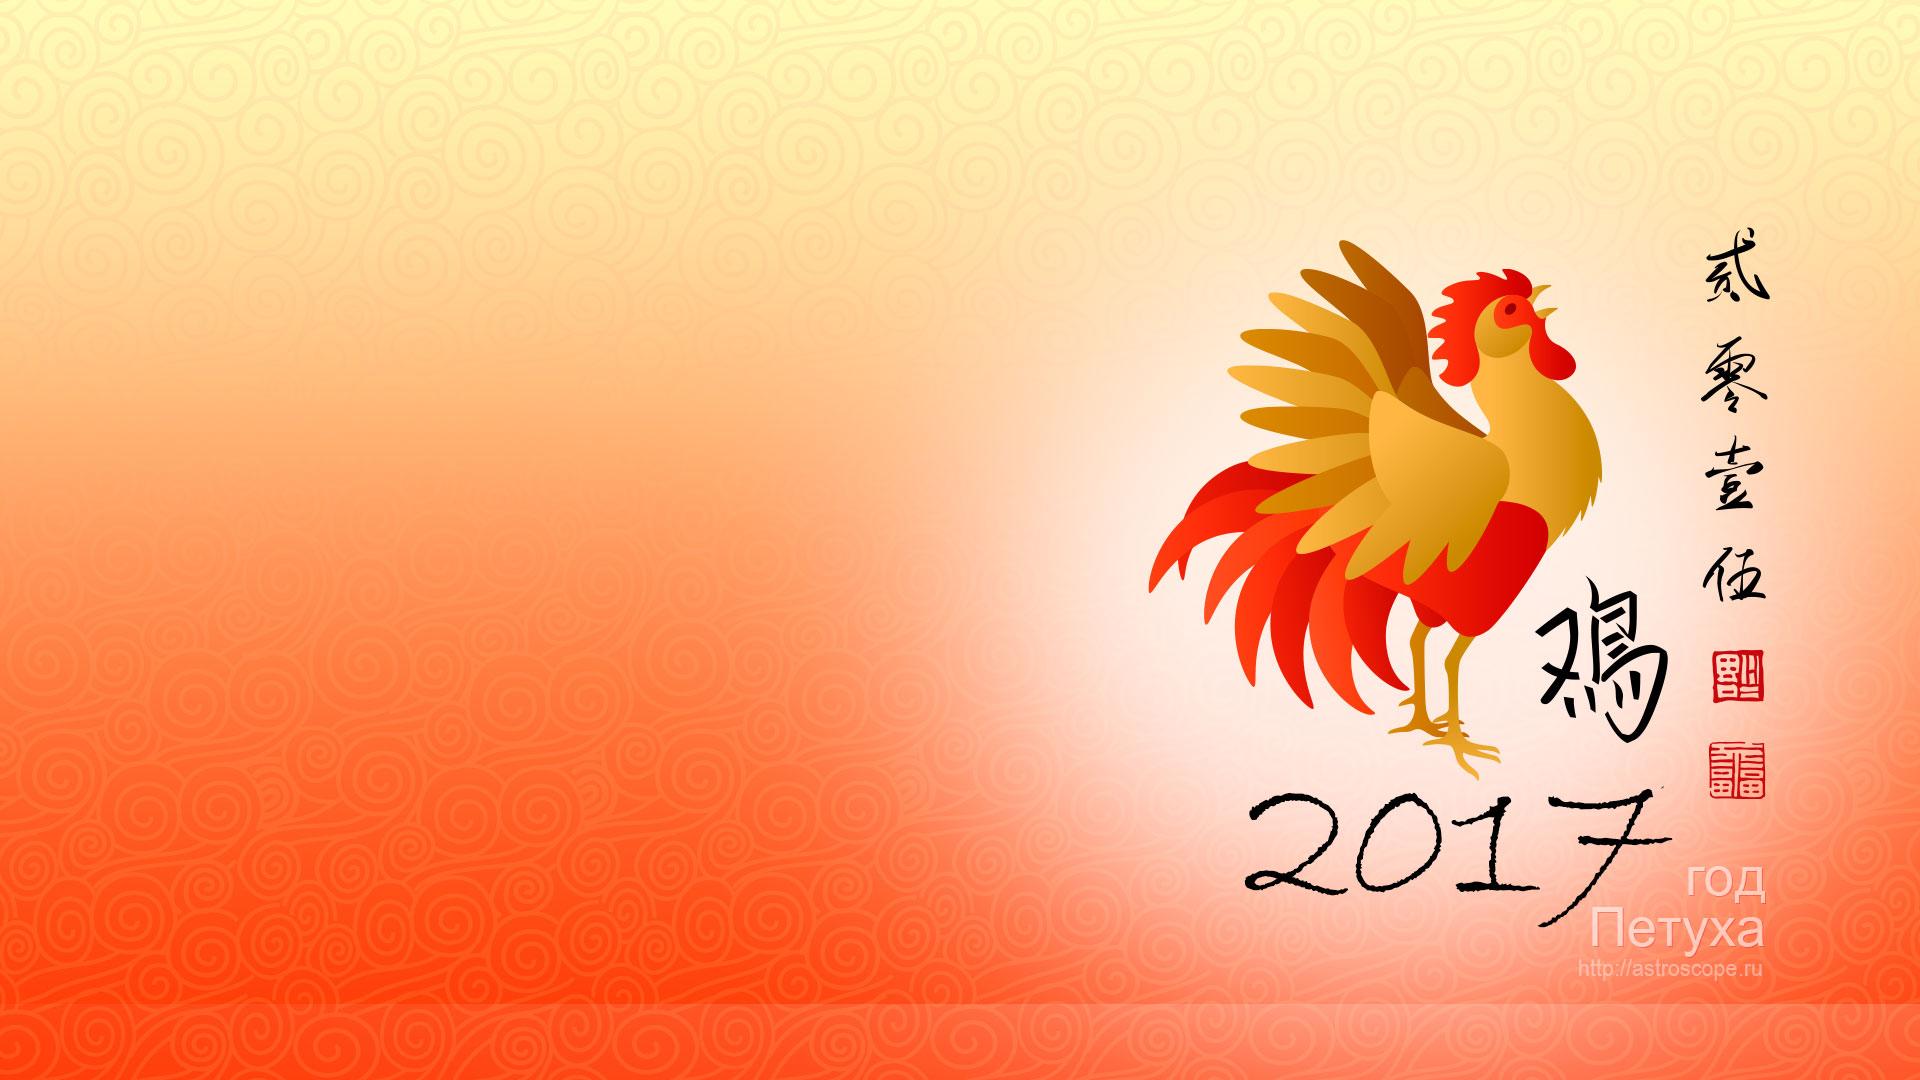 Скачать картинки 2017 год